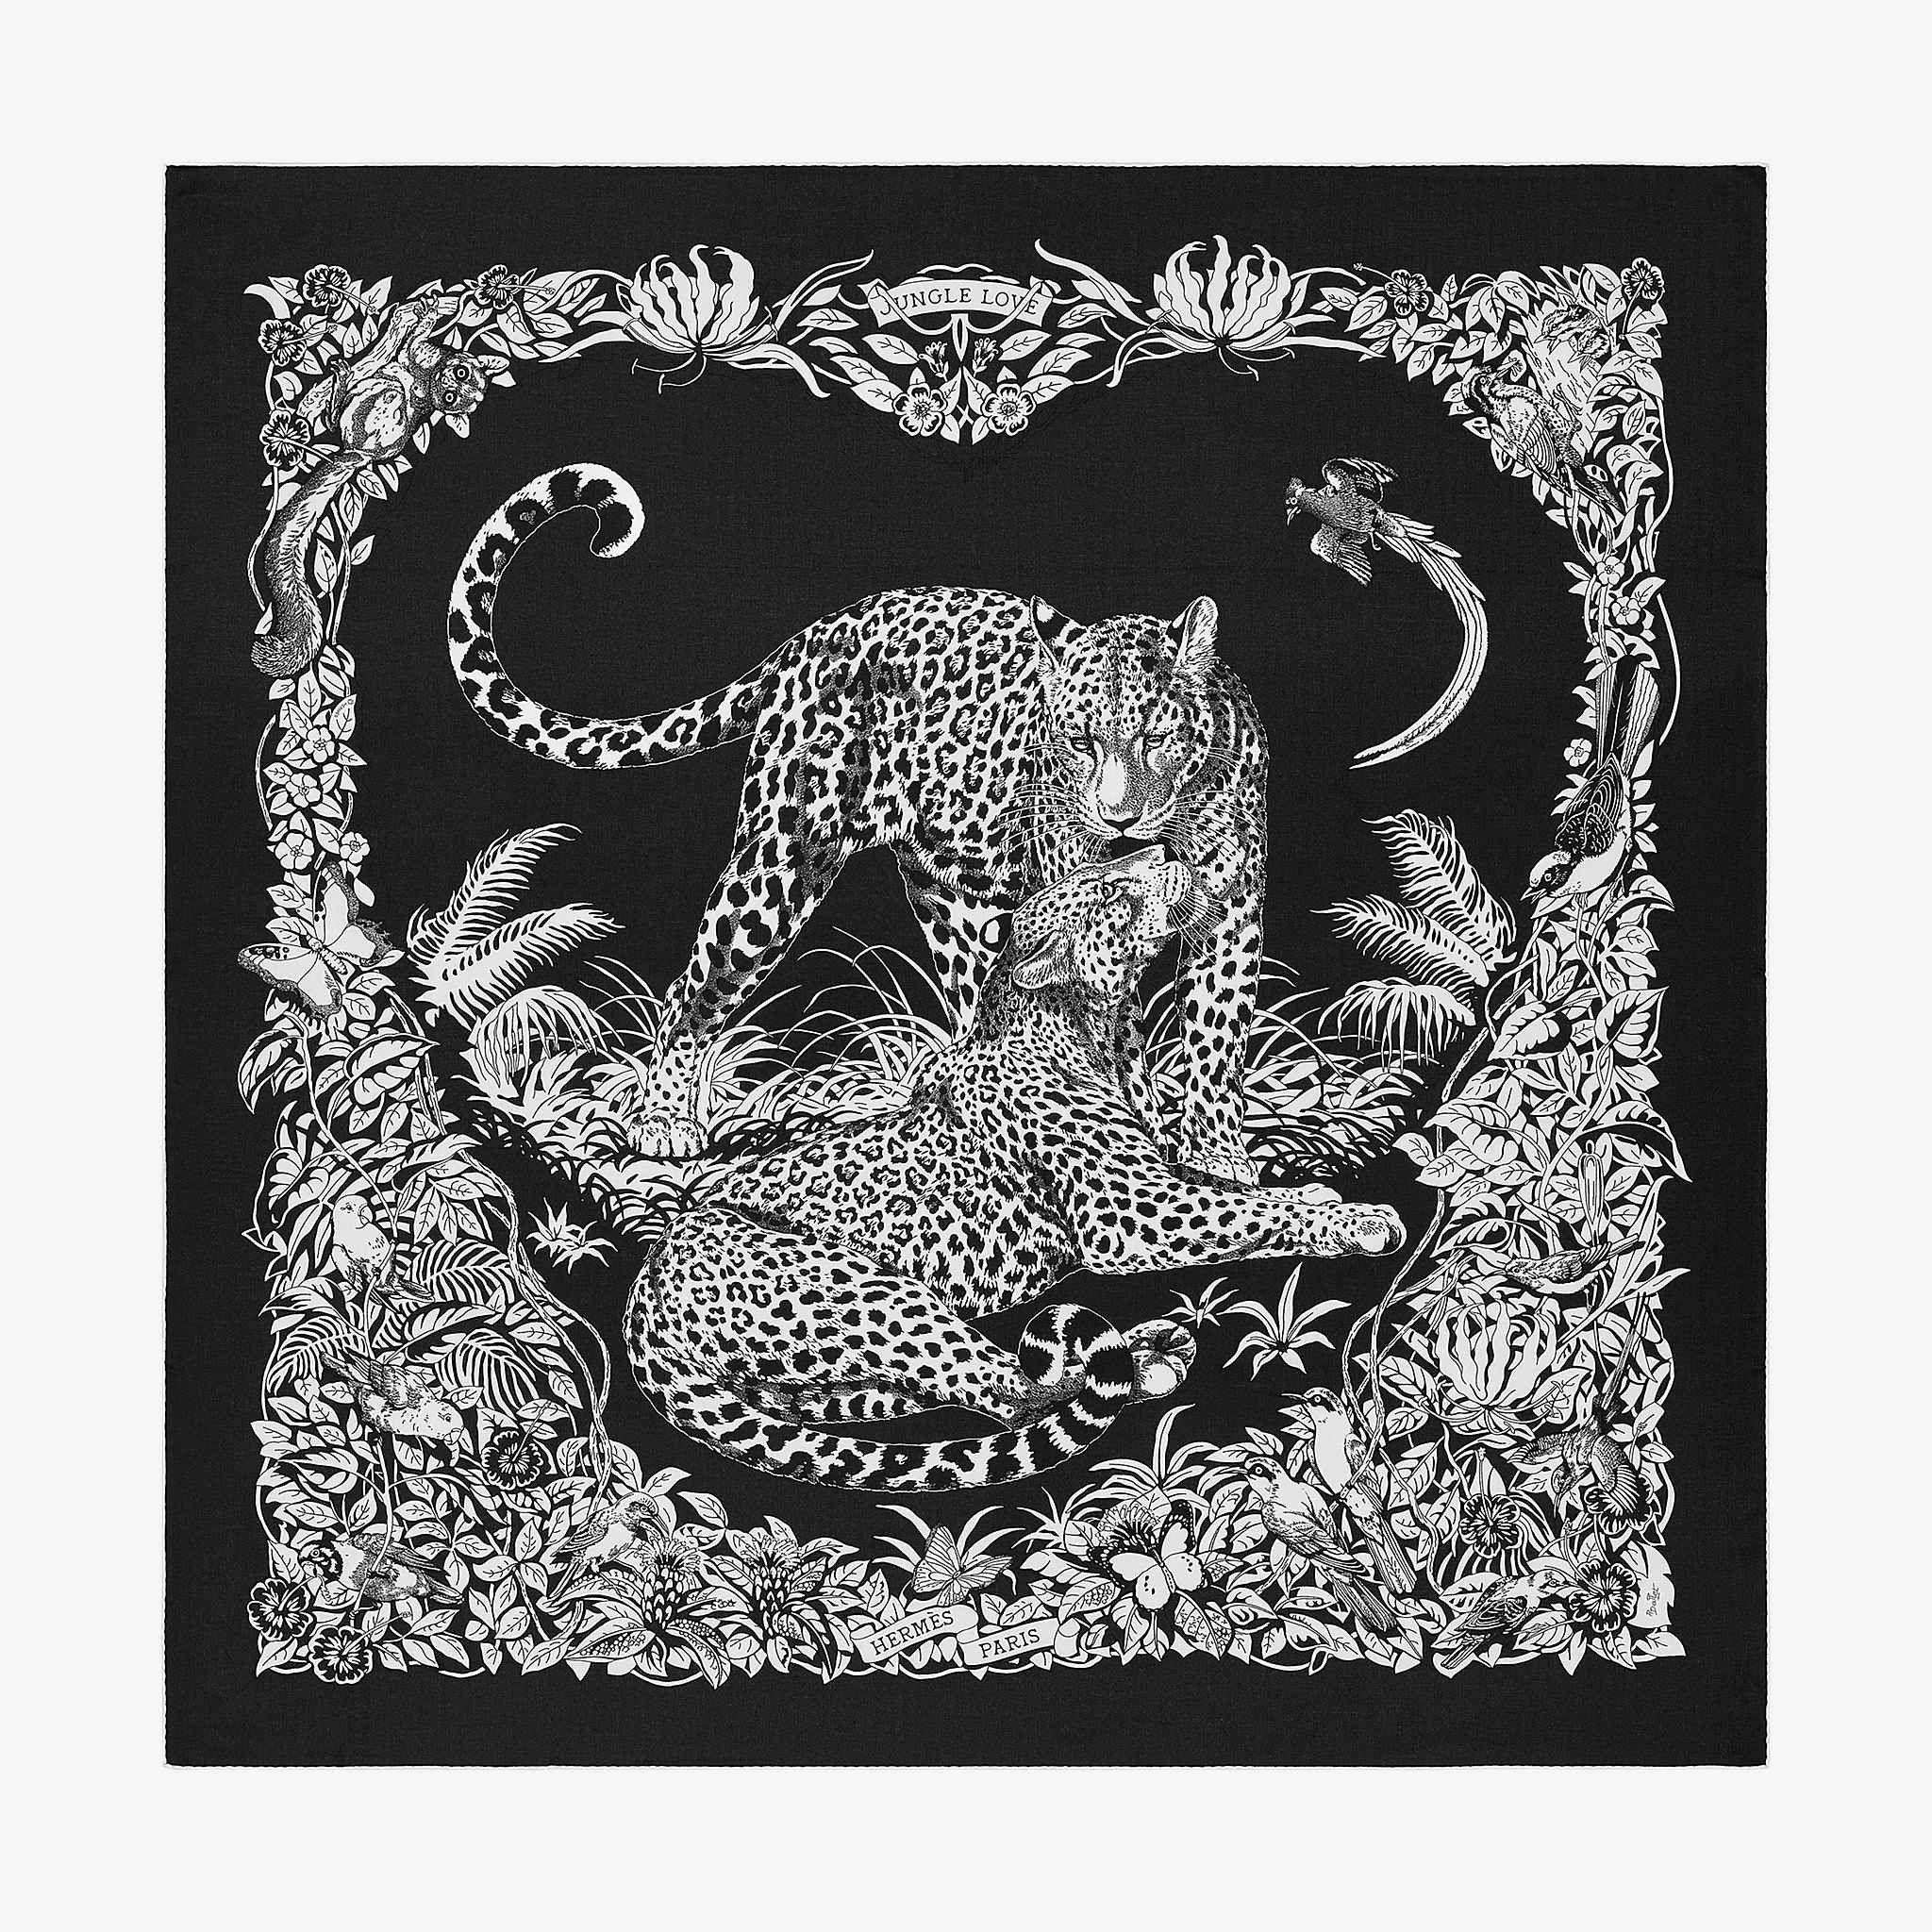 Châle 140 Jungle Love Tattoo   Noir   Hermes, Cachemire et Noir d3f022a49fa